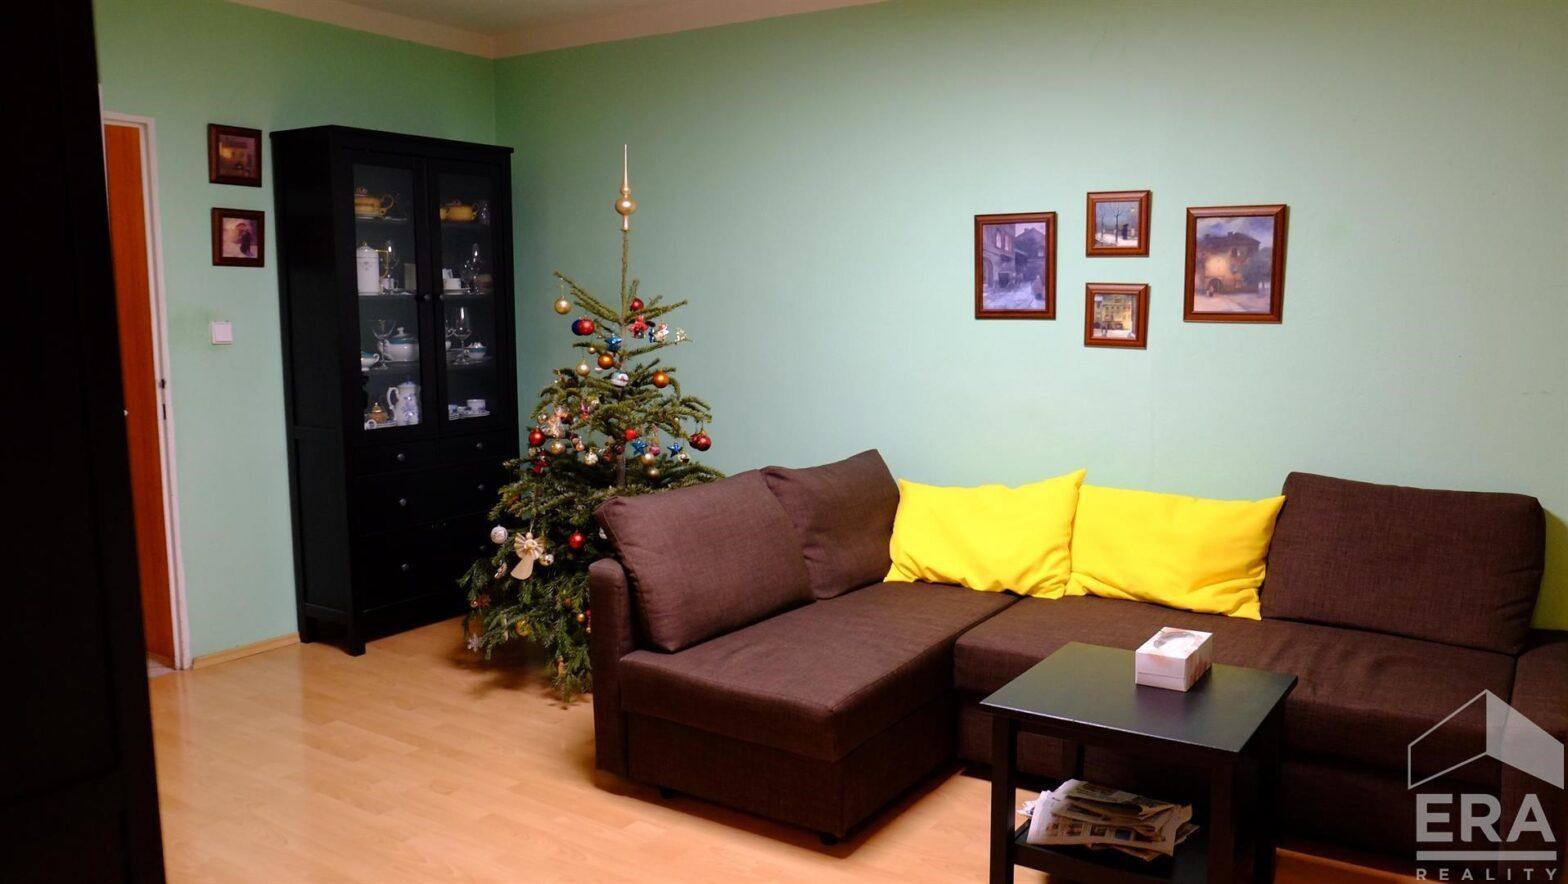 Nabídka panelového bytu na Lužinách s krásnou vyhlídkou 77 m2- (3+1)+ 1 komora 3,5m+ L (8 m2)   ul. Píškova – Stodůlky                                            Cena: 5 499 000 Kč